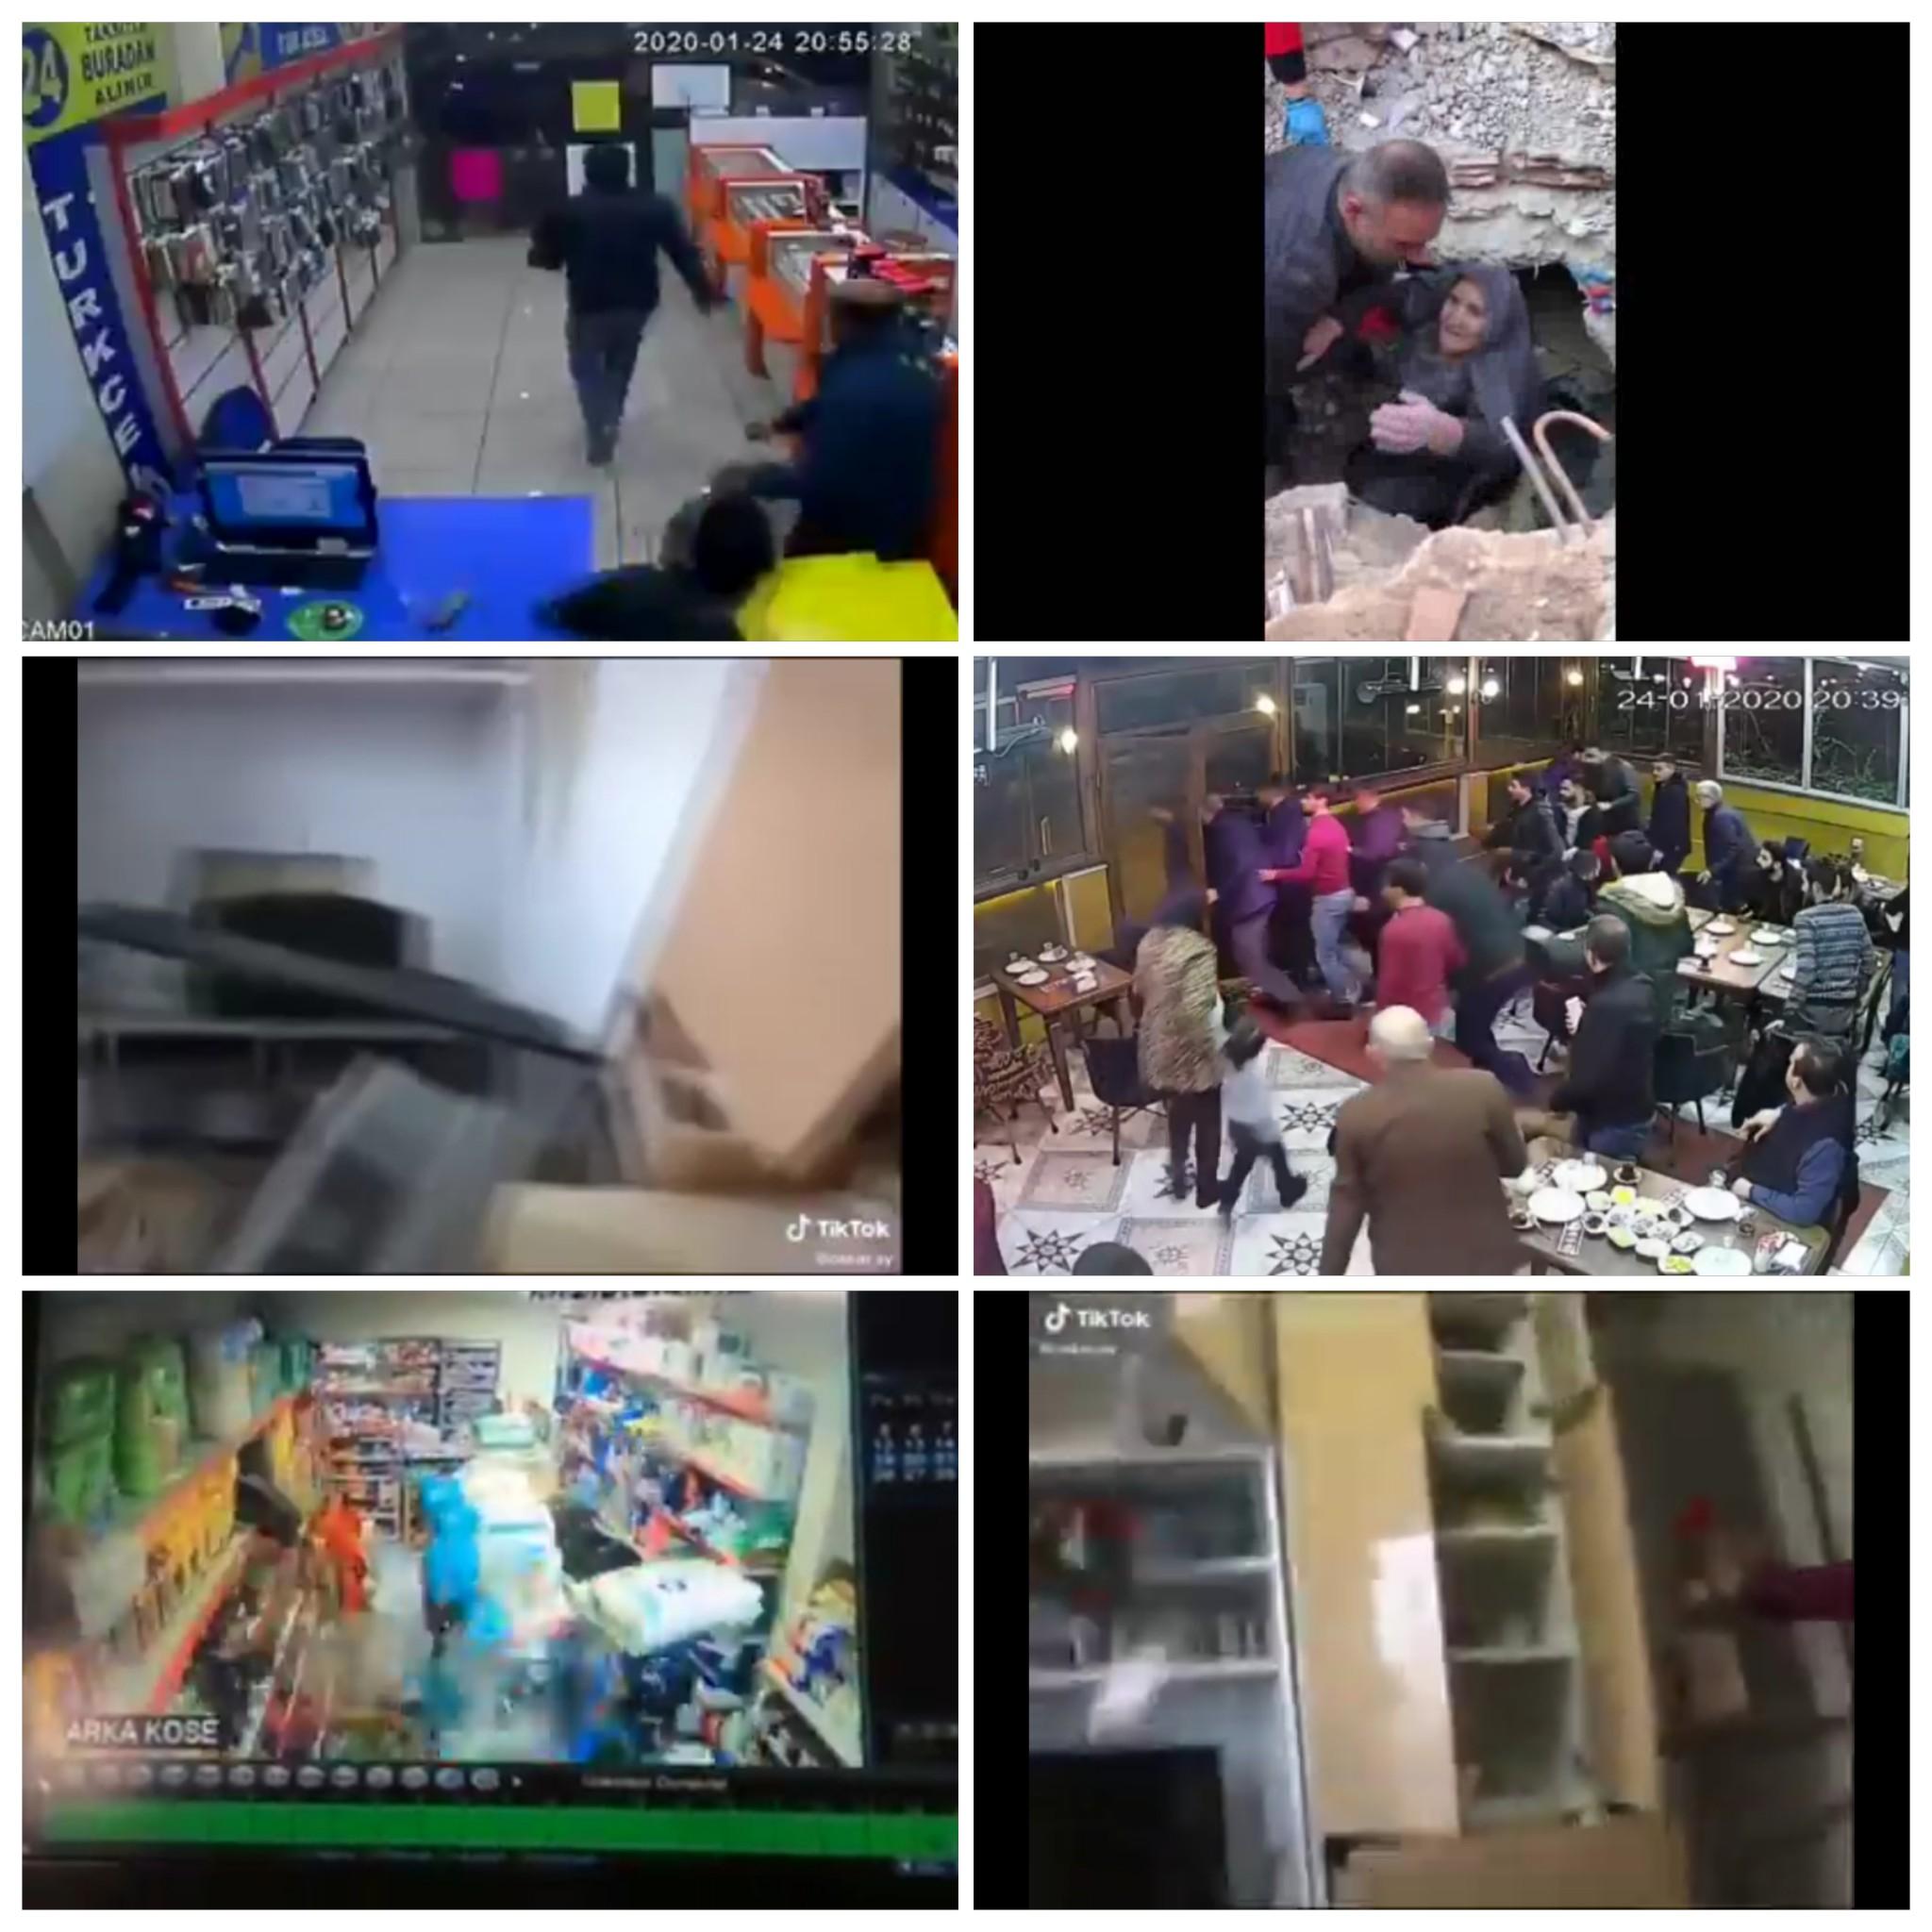 لقطات مخيفة لحظة الزلزال في فيديو واحد 1